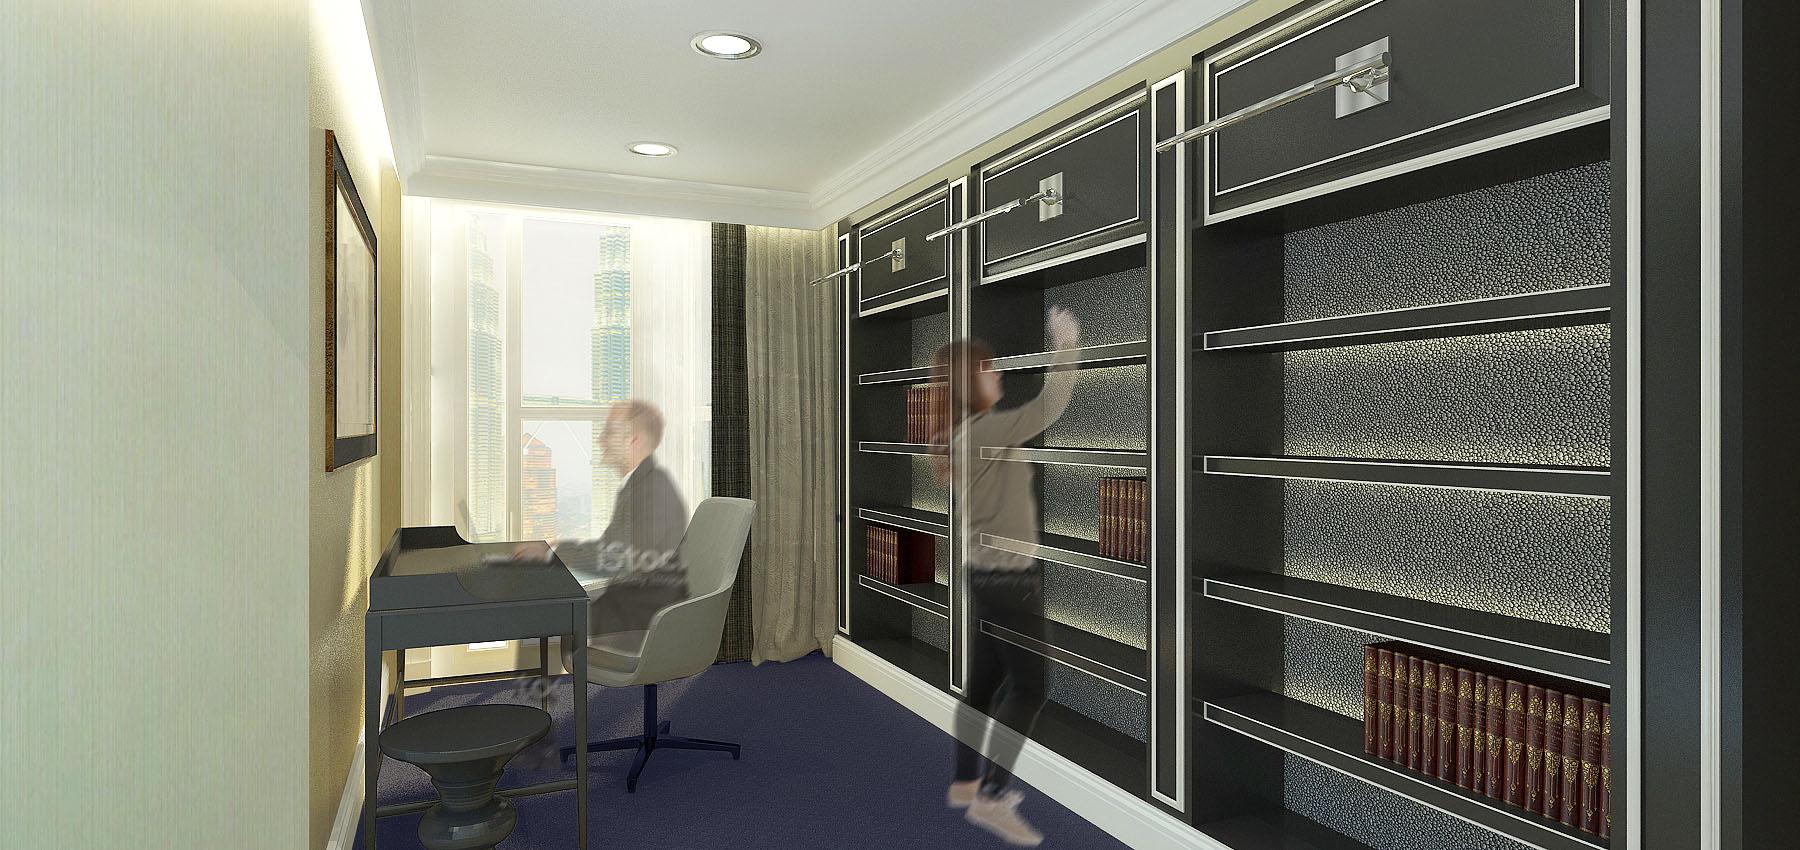 Penthouse - STUDY